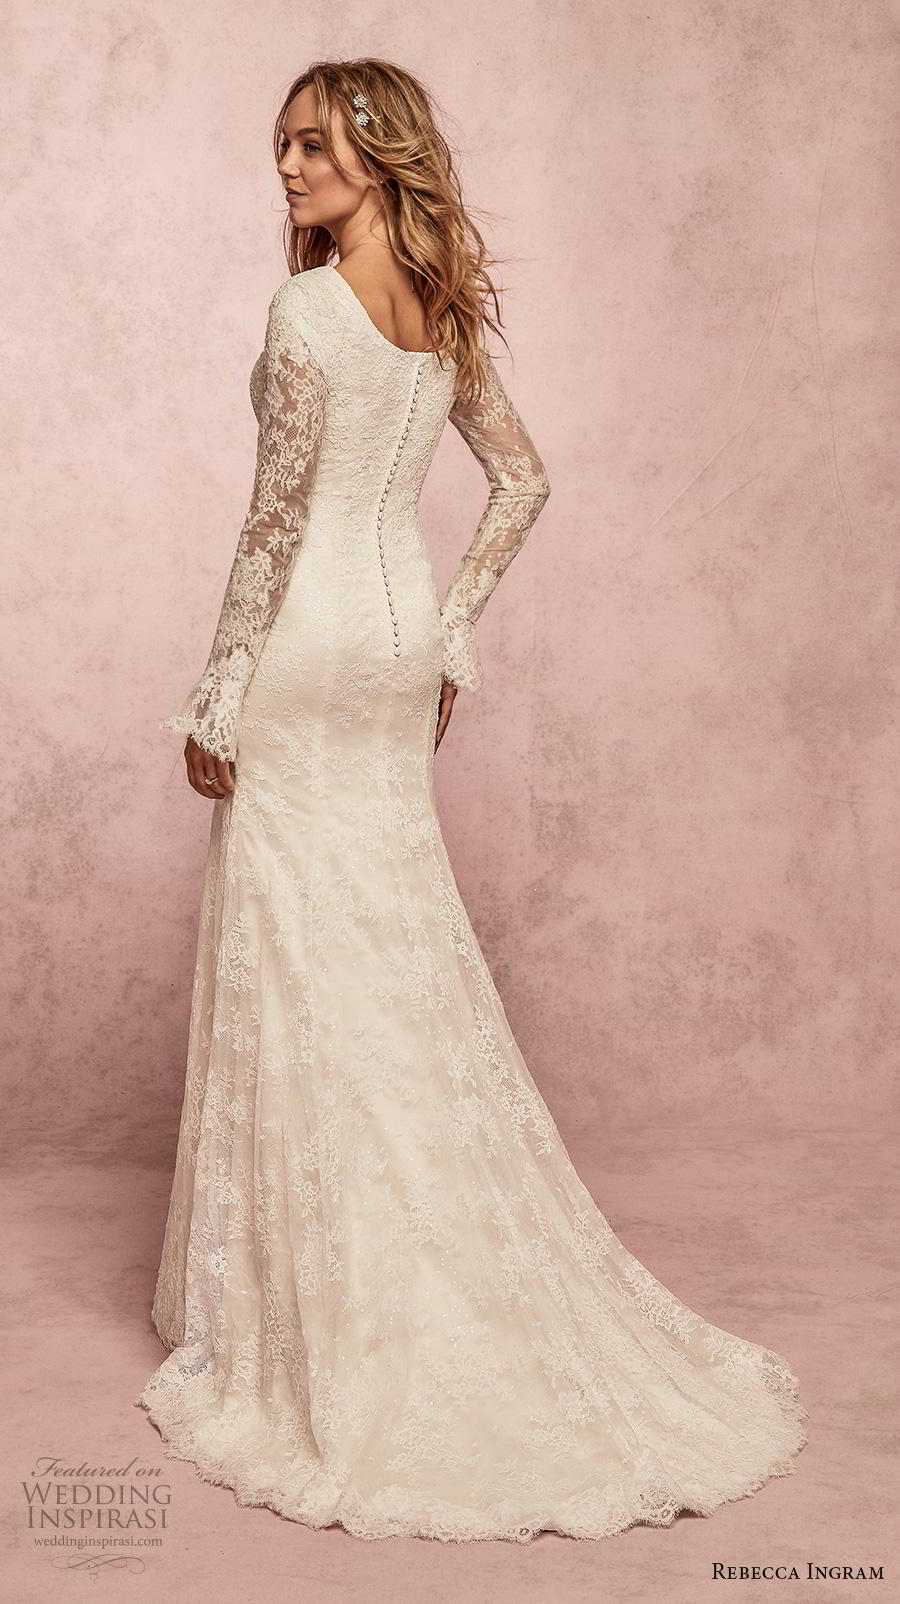 rebecca ingram s2019 bridal long poet sleeves v neck full embellishment elegant modest fit and flare wedding dress covered back sweep train (13) bv